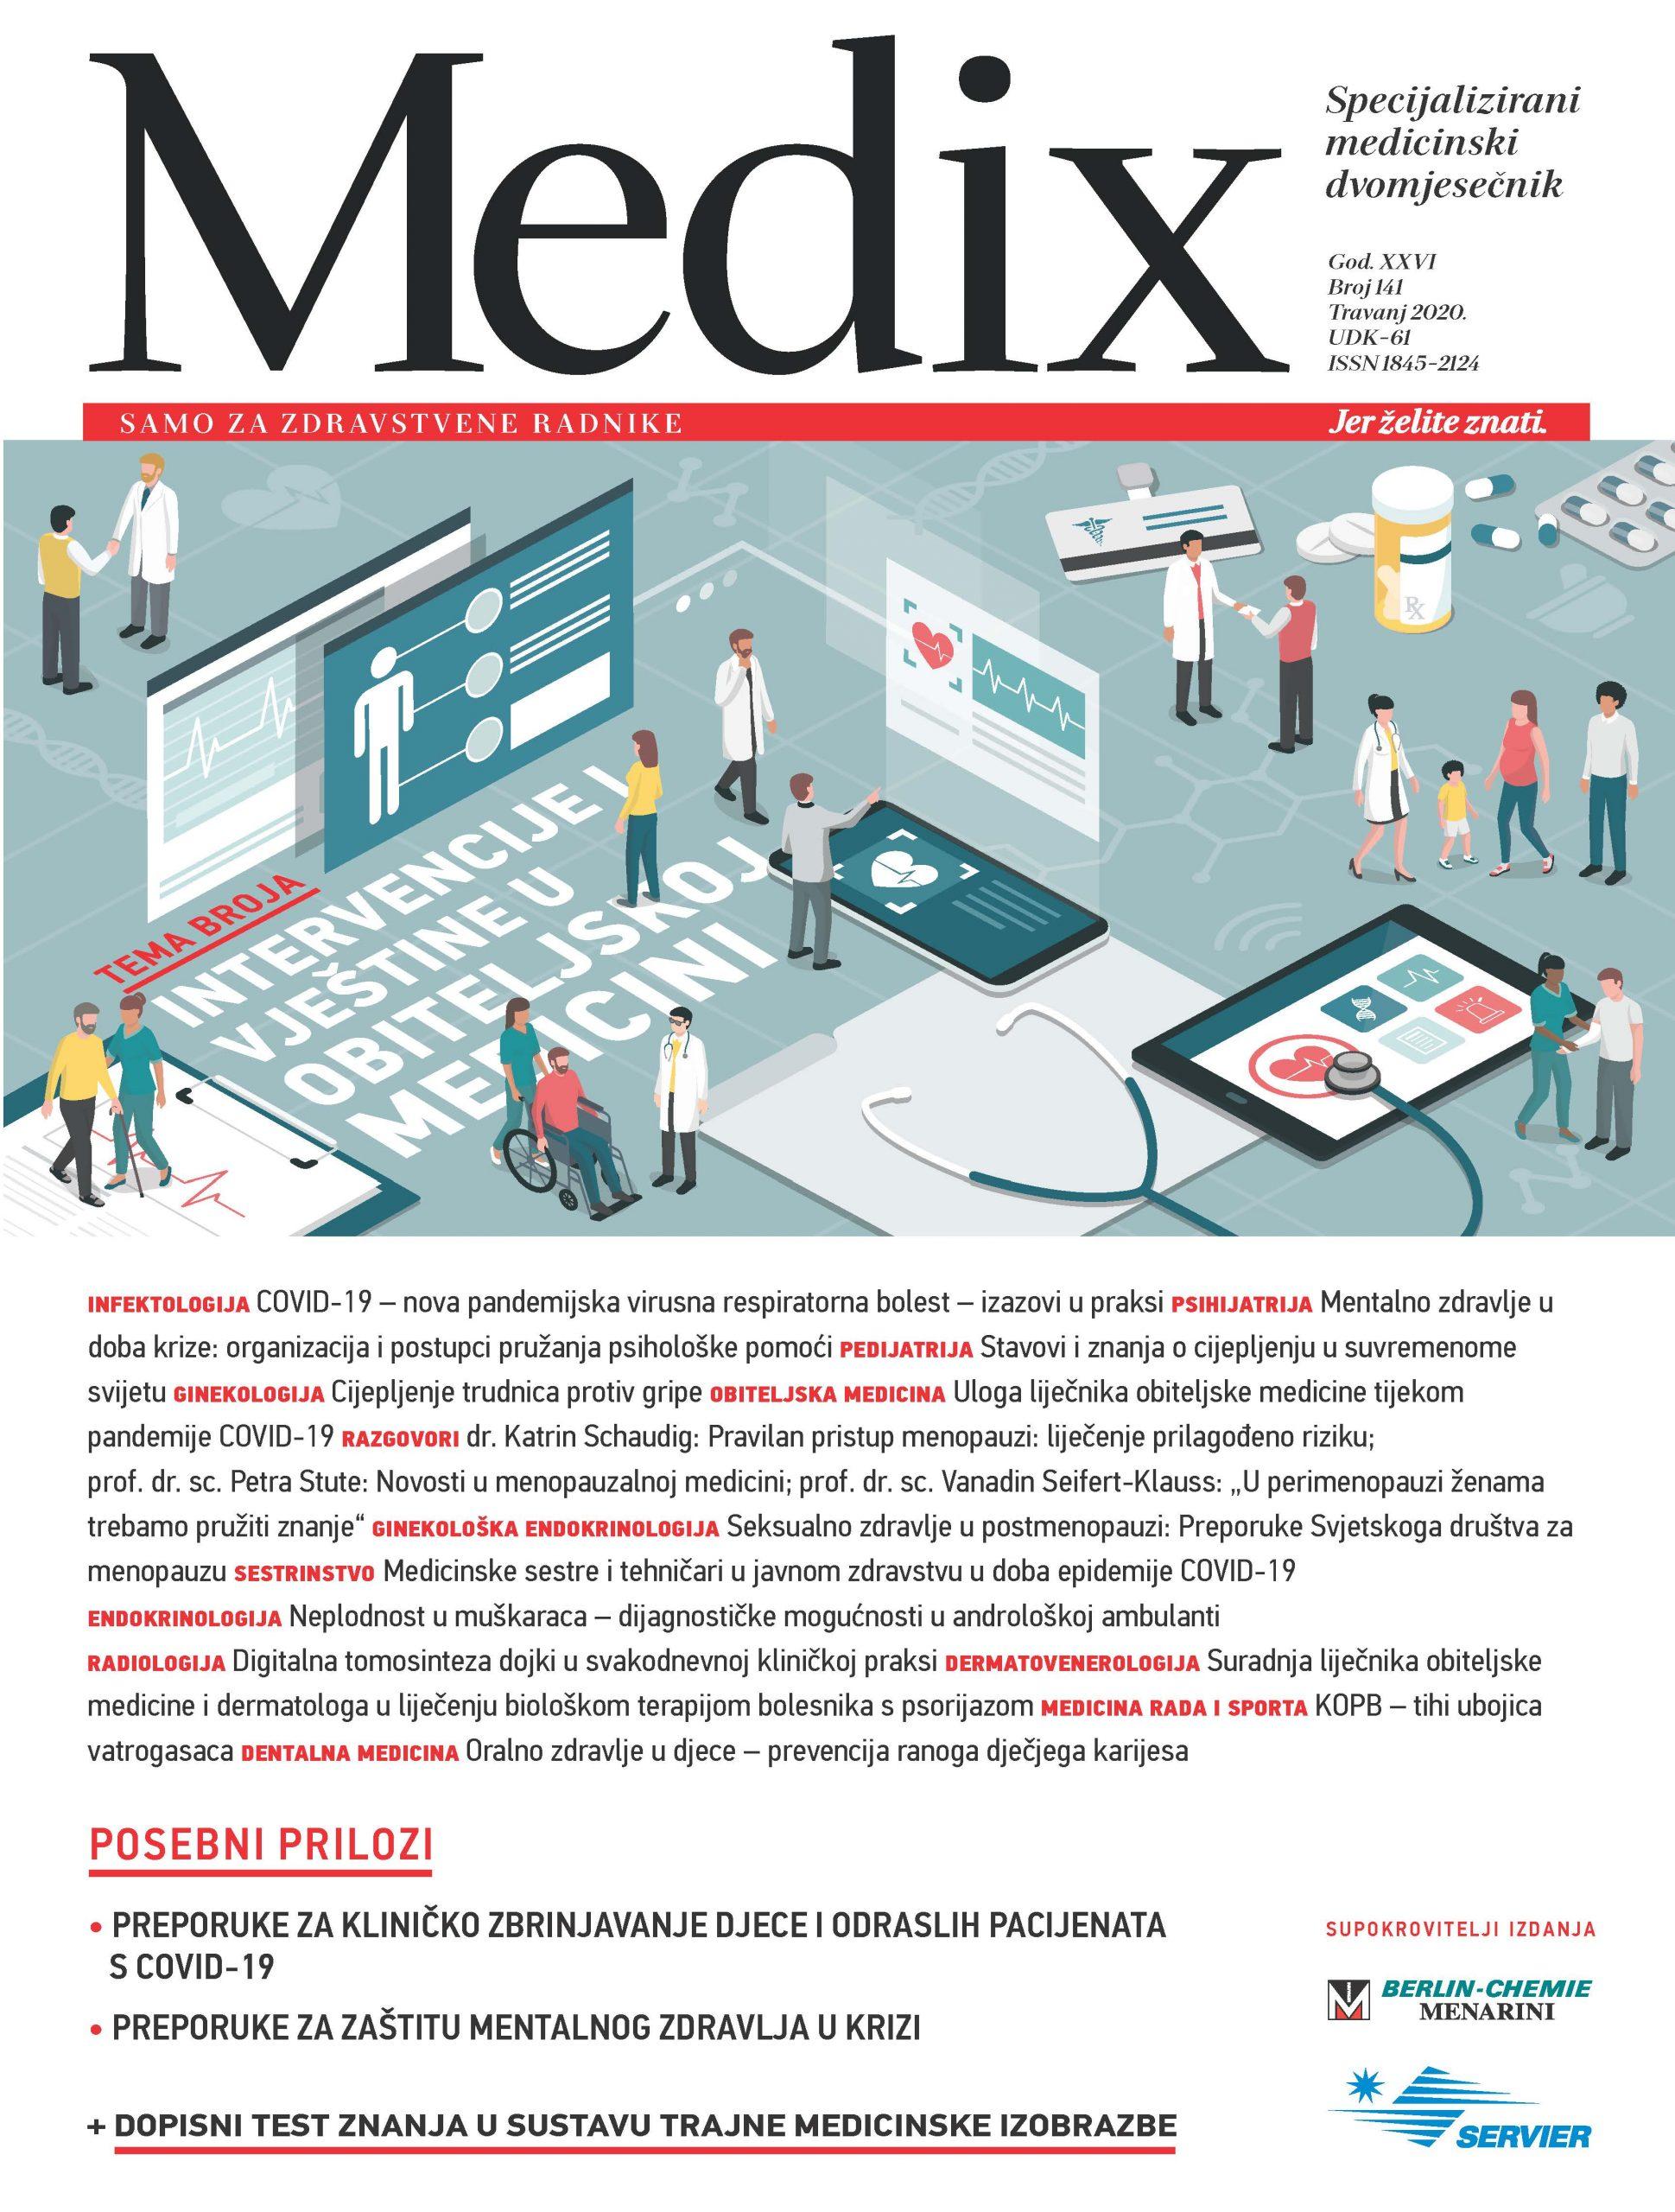 Aktualno: pandemija COVID-19 u časopisu MEDIX